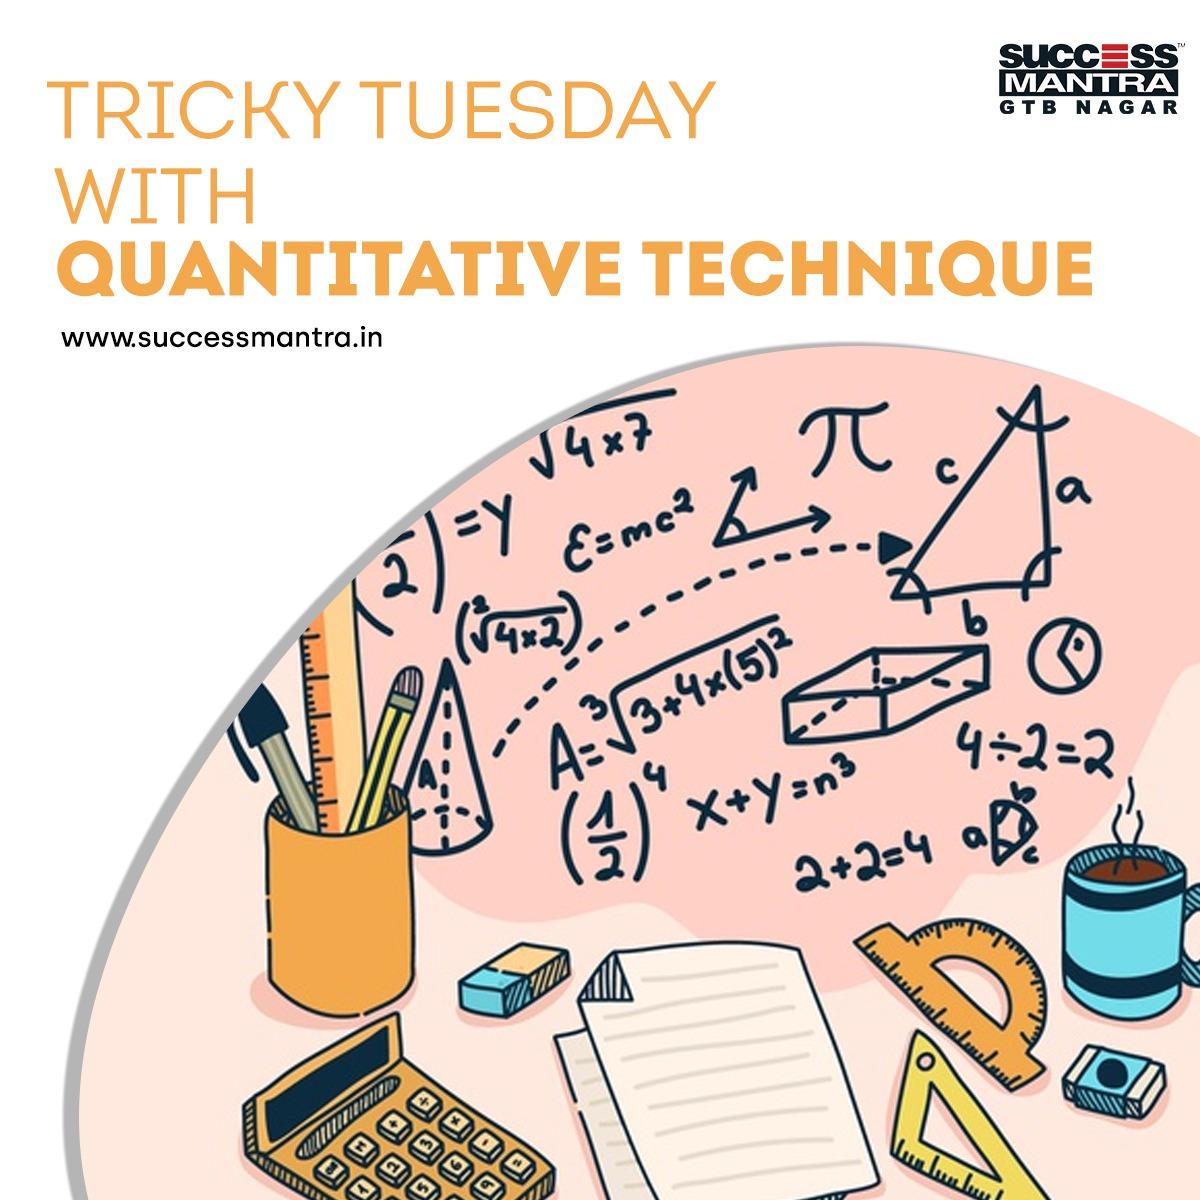 Questions On Quantitative Techniques SMQTQ023